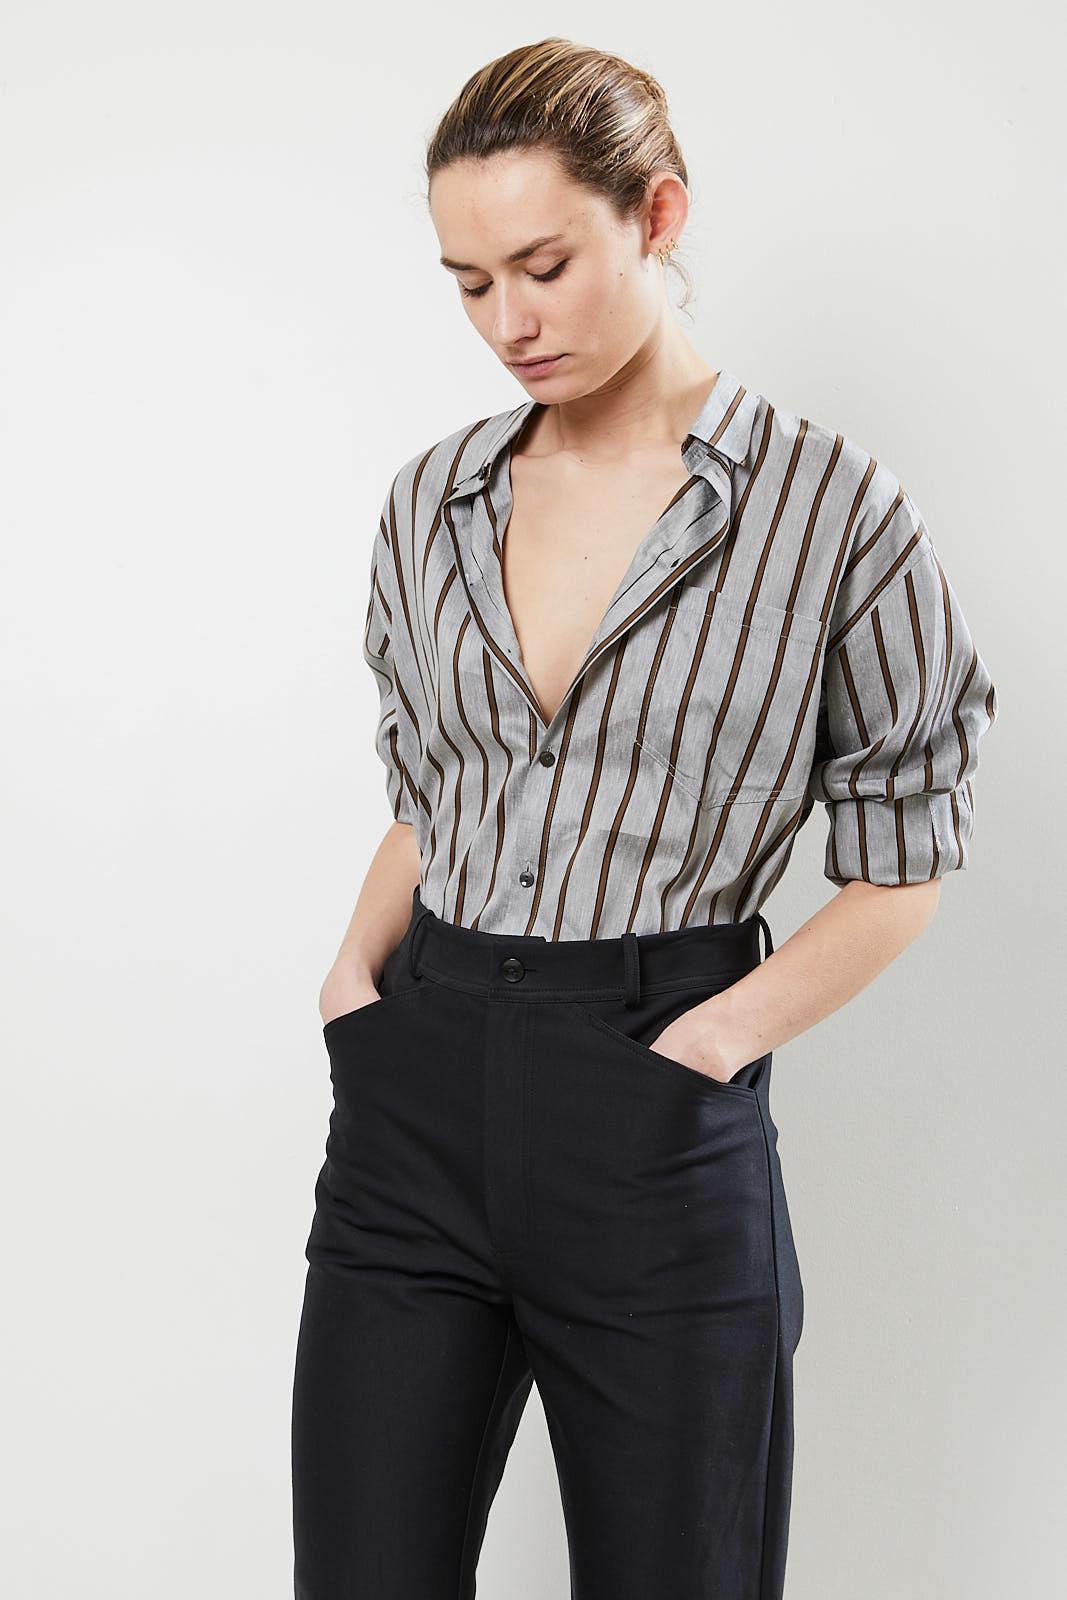 Monique van Heist - No 5 daddy stripe shirt